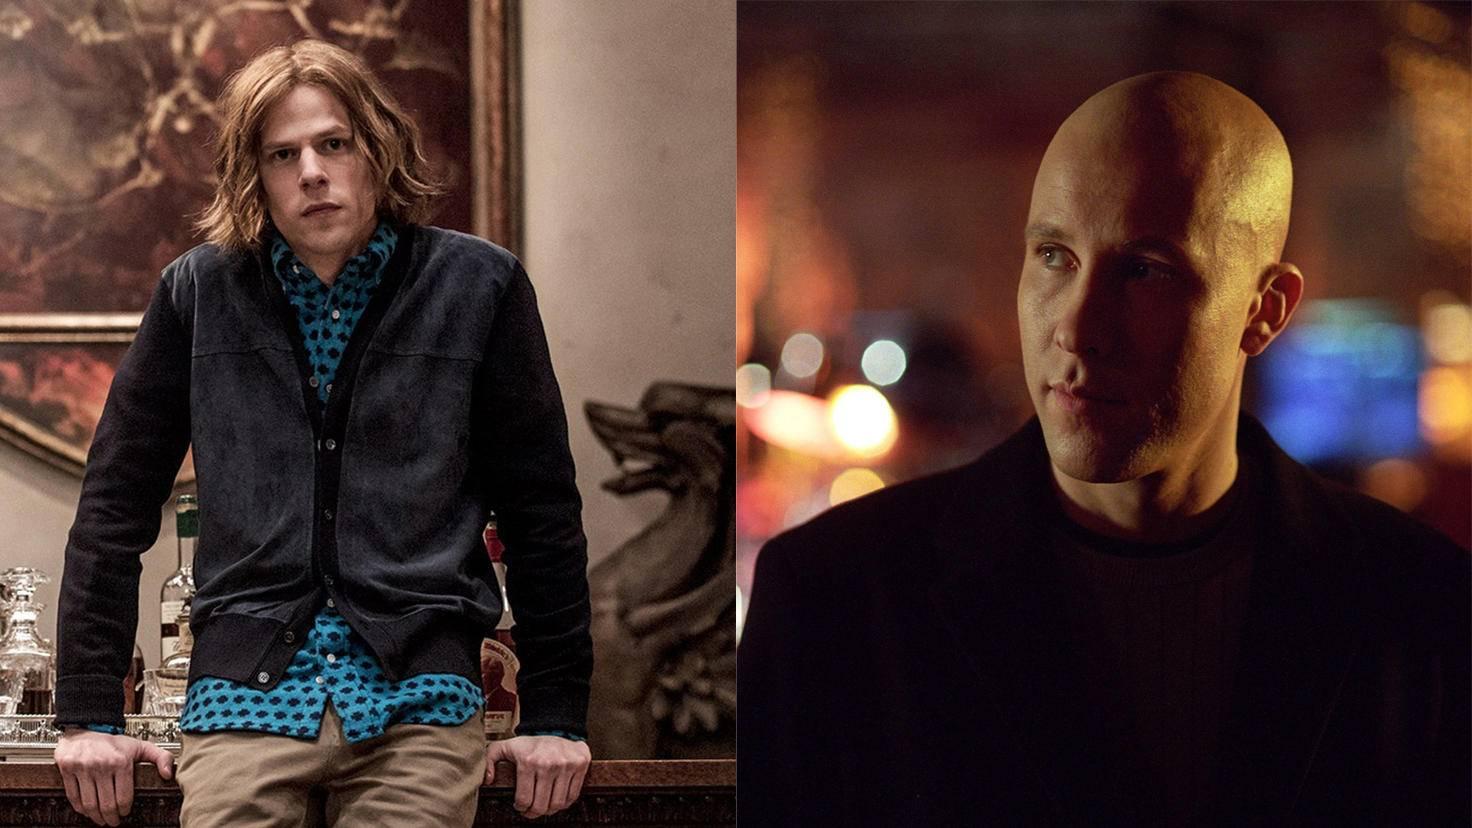 Lex Luthor vs Lex Luthor